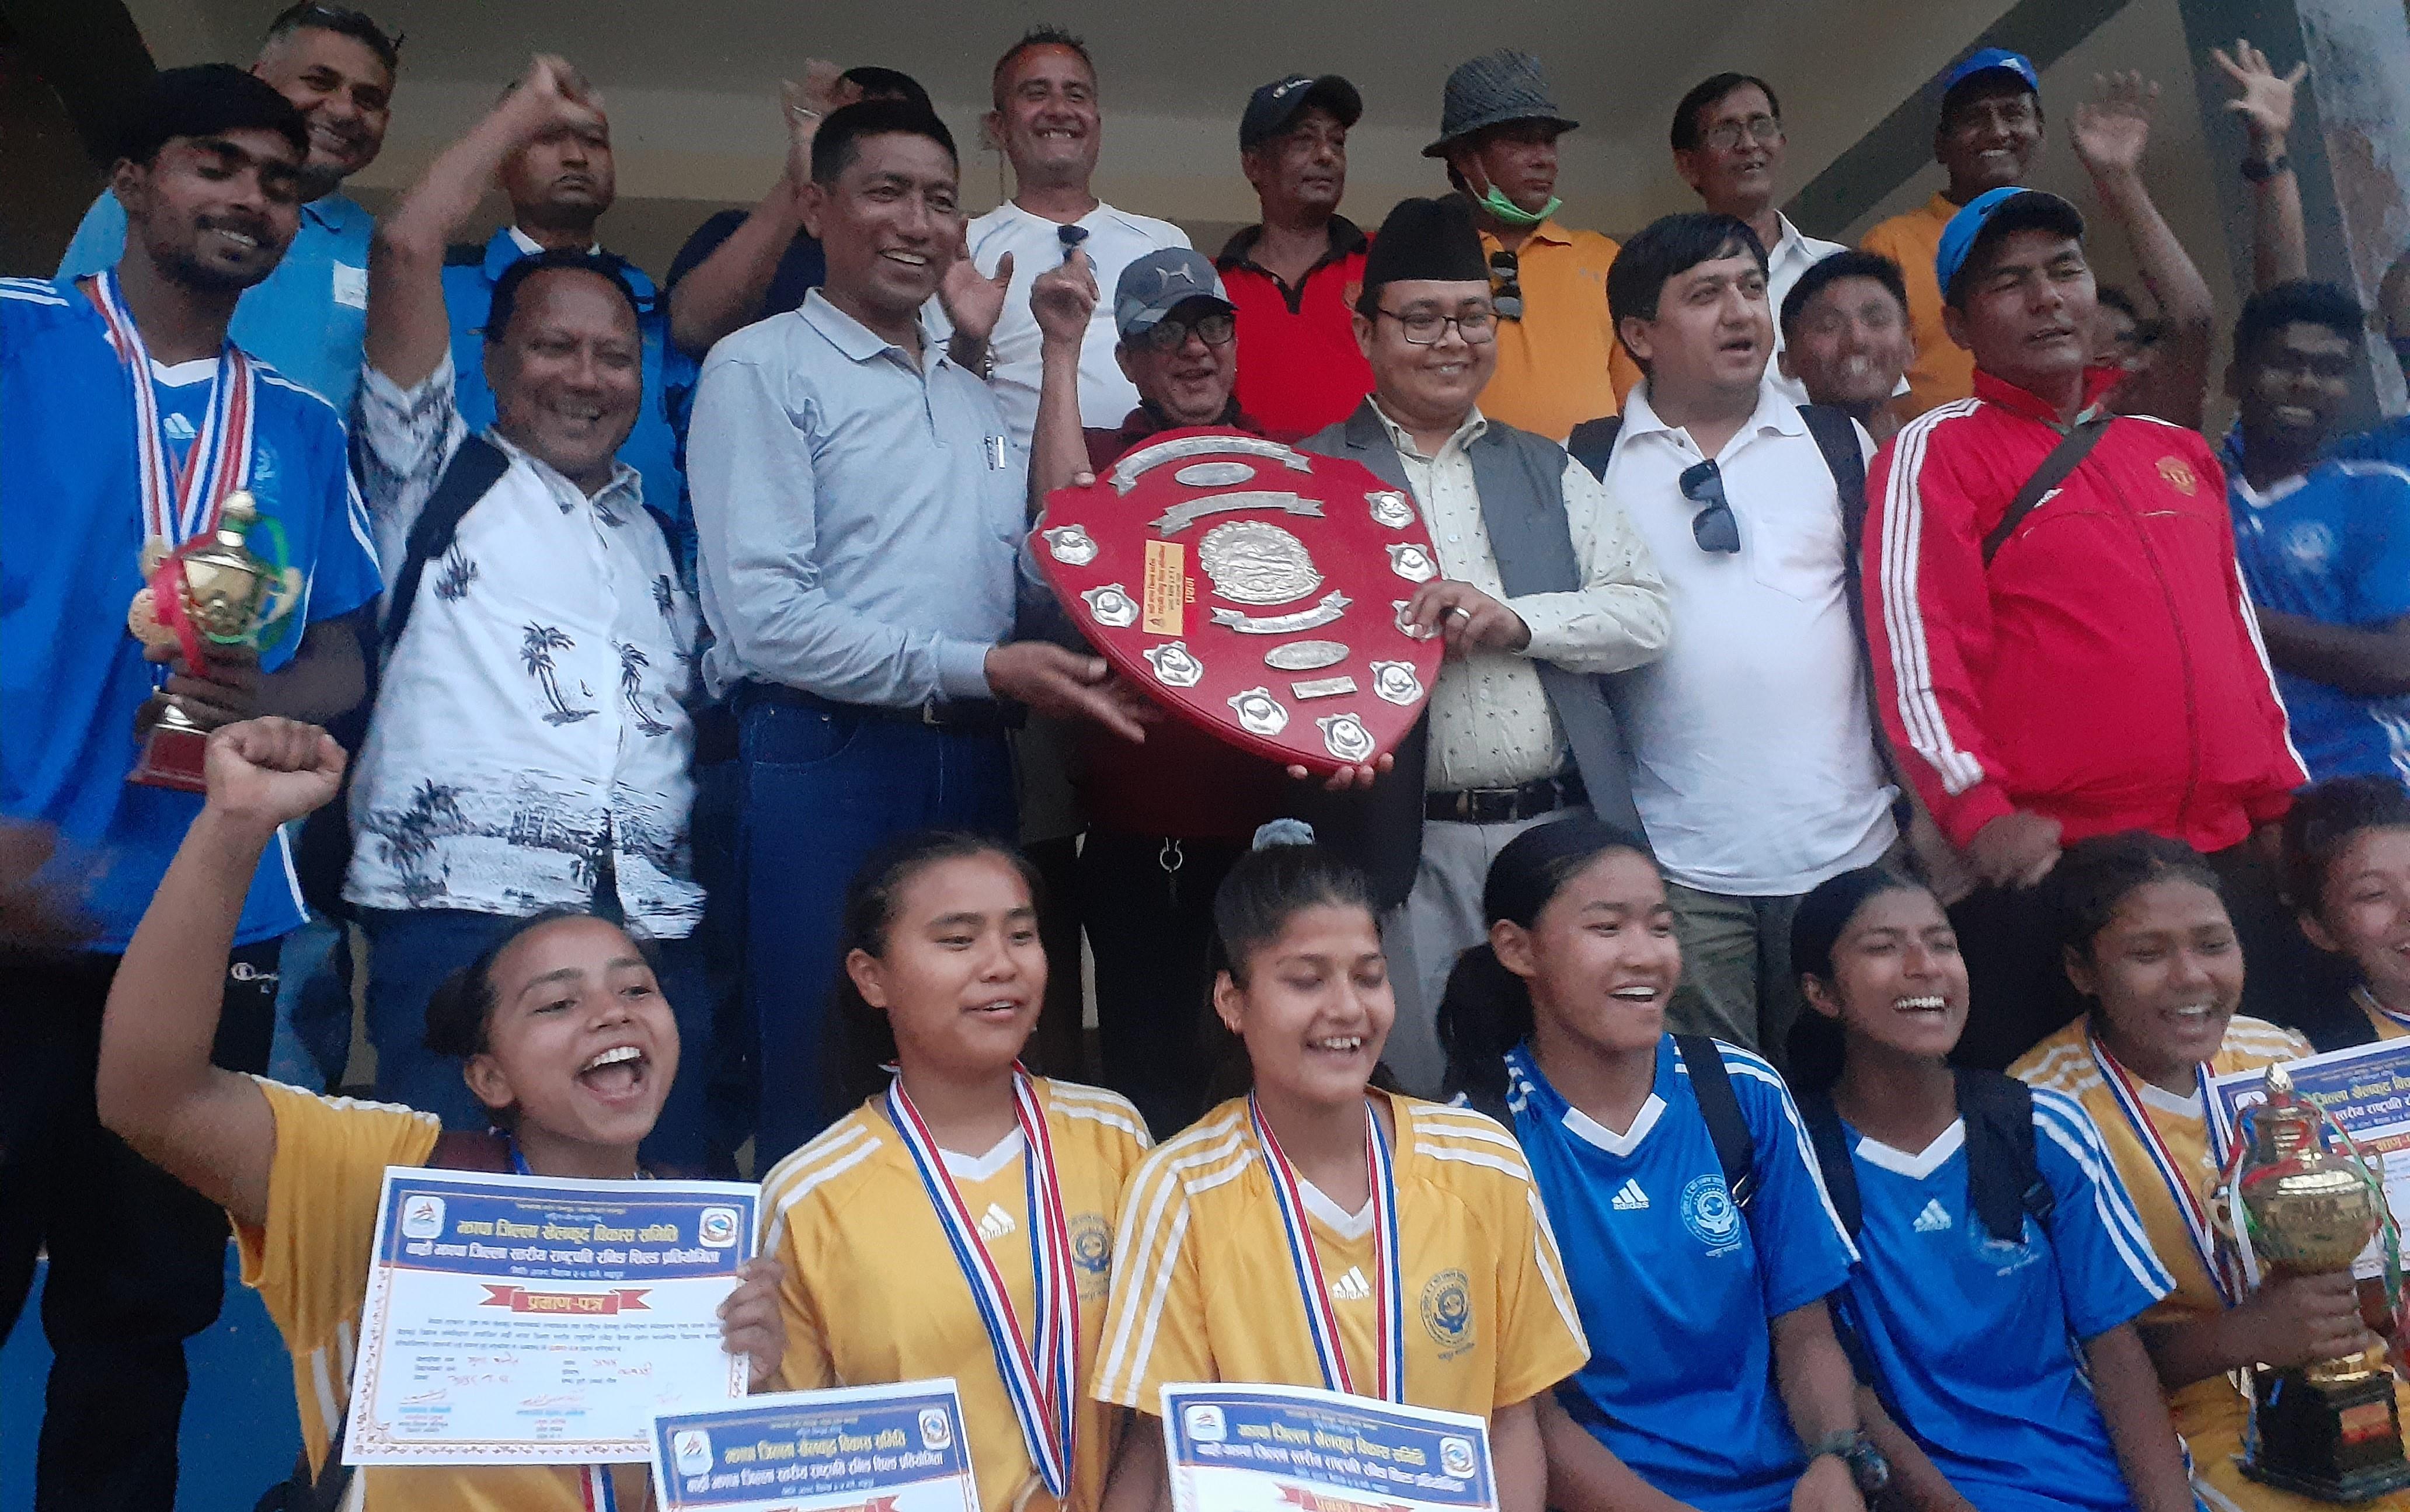 १२ औँ राष्ट्रपति रनिङ सिल्ड प्रतियोगिता : भद्रपुर नगरपालिका प्रथम, झापा पदकविहीन